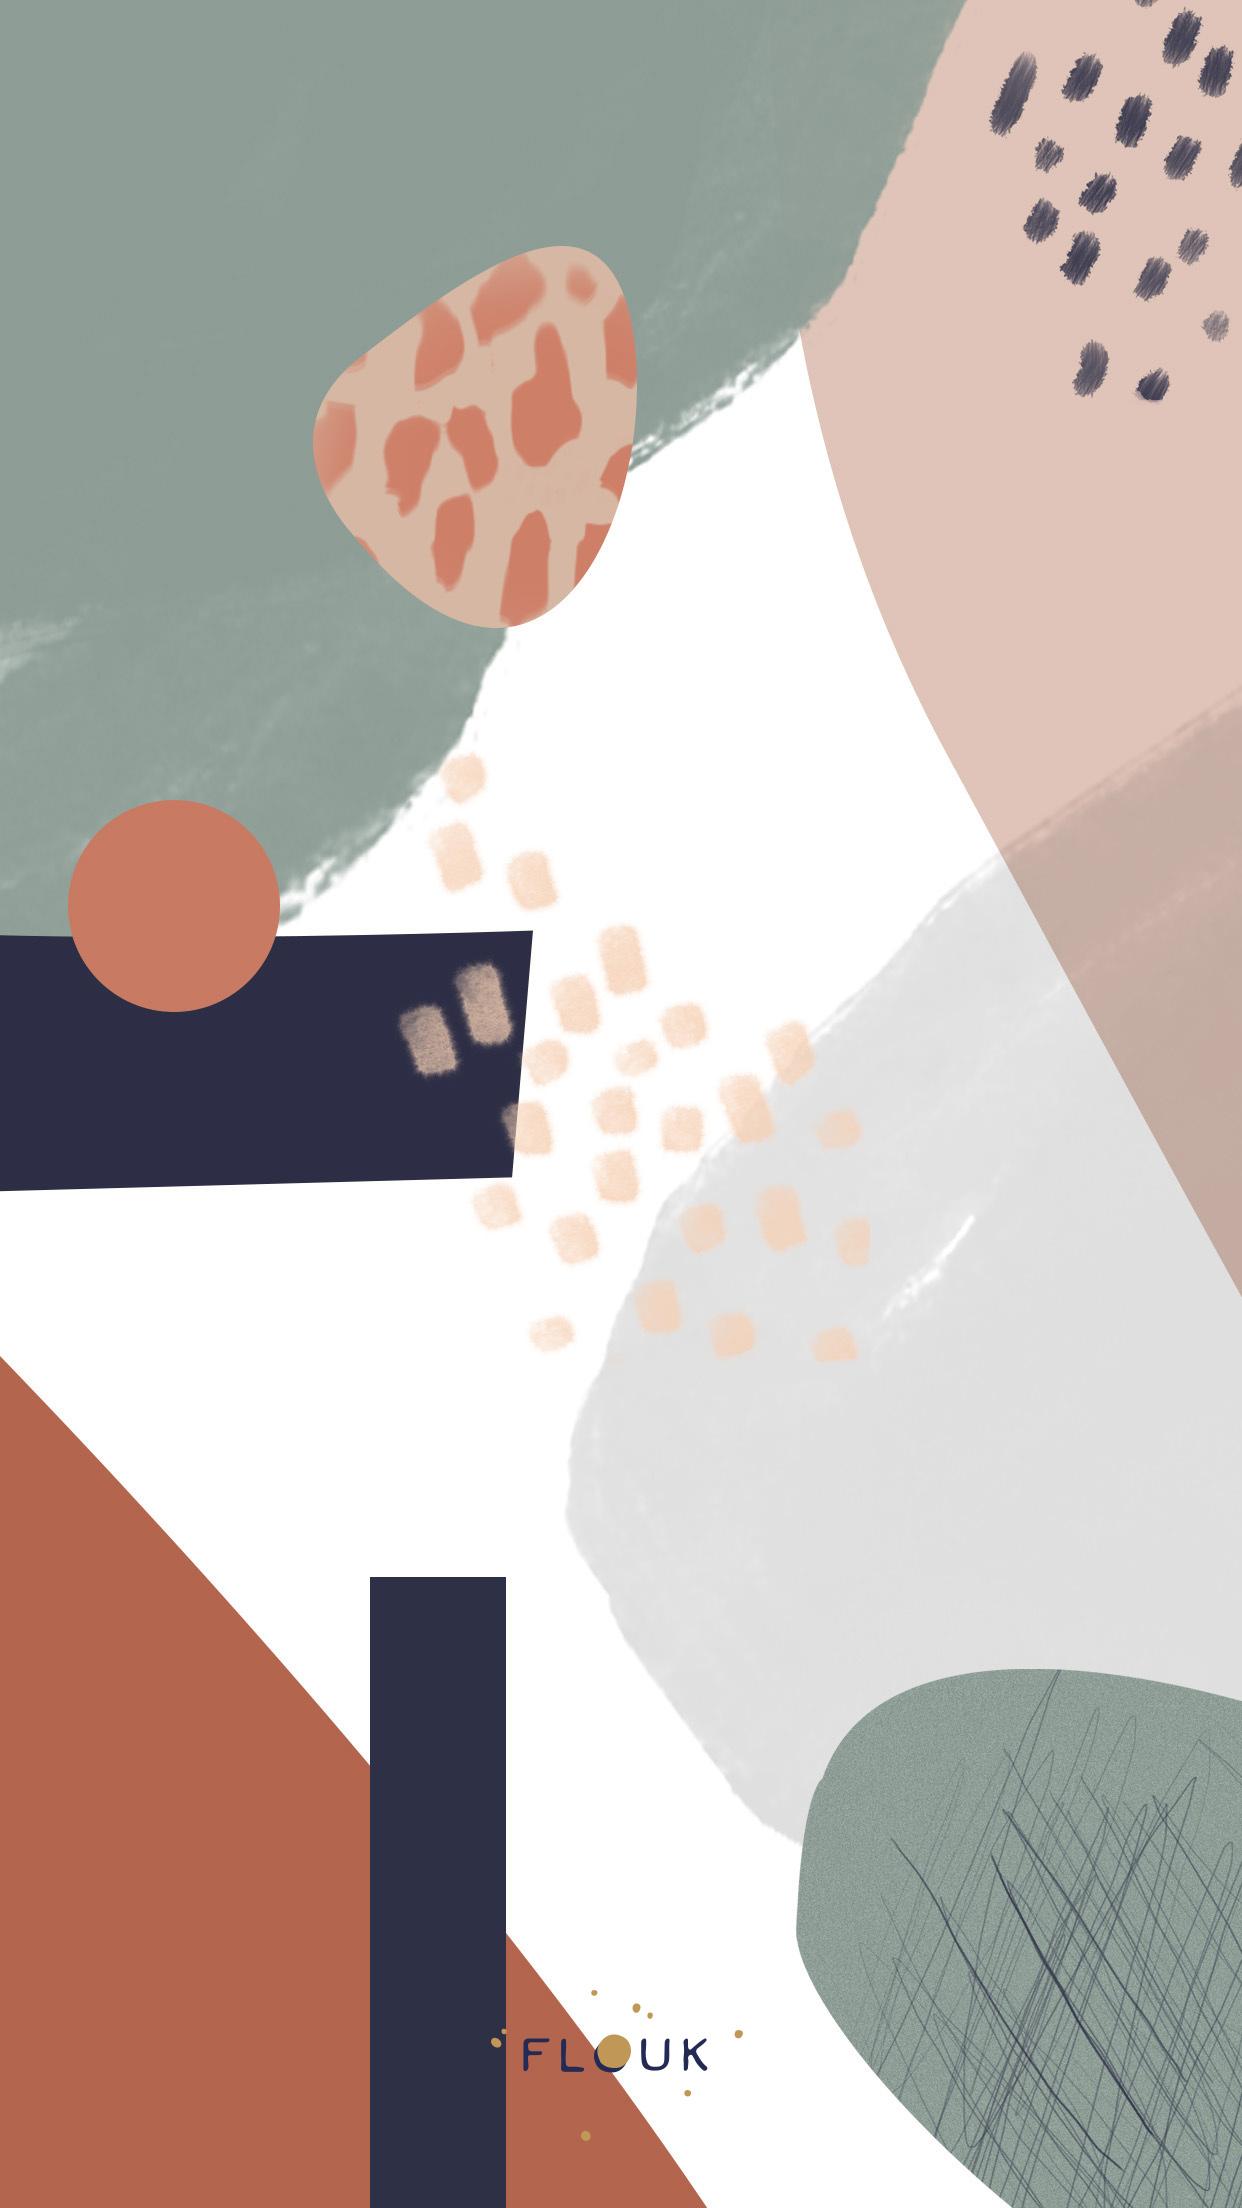 wallpaper - Flouk - Floriane Dupont - studio design créations graphique lille roubaix